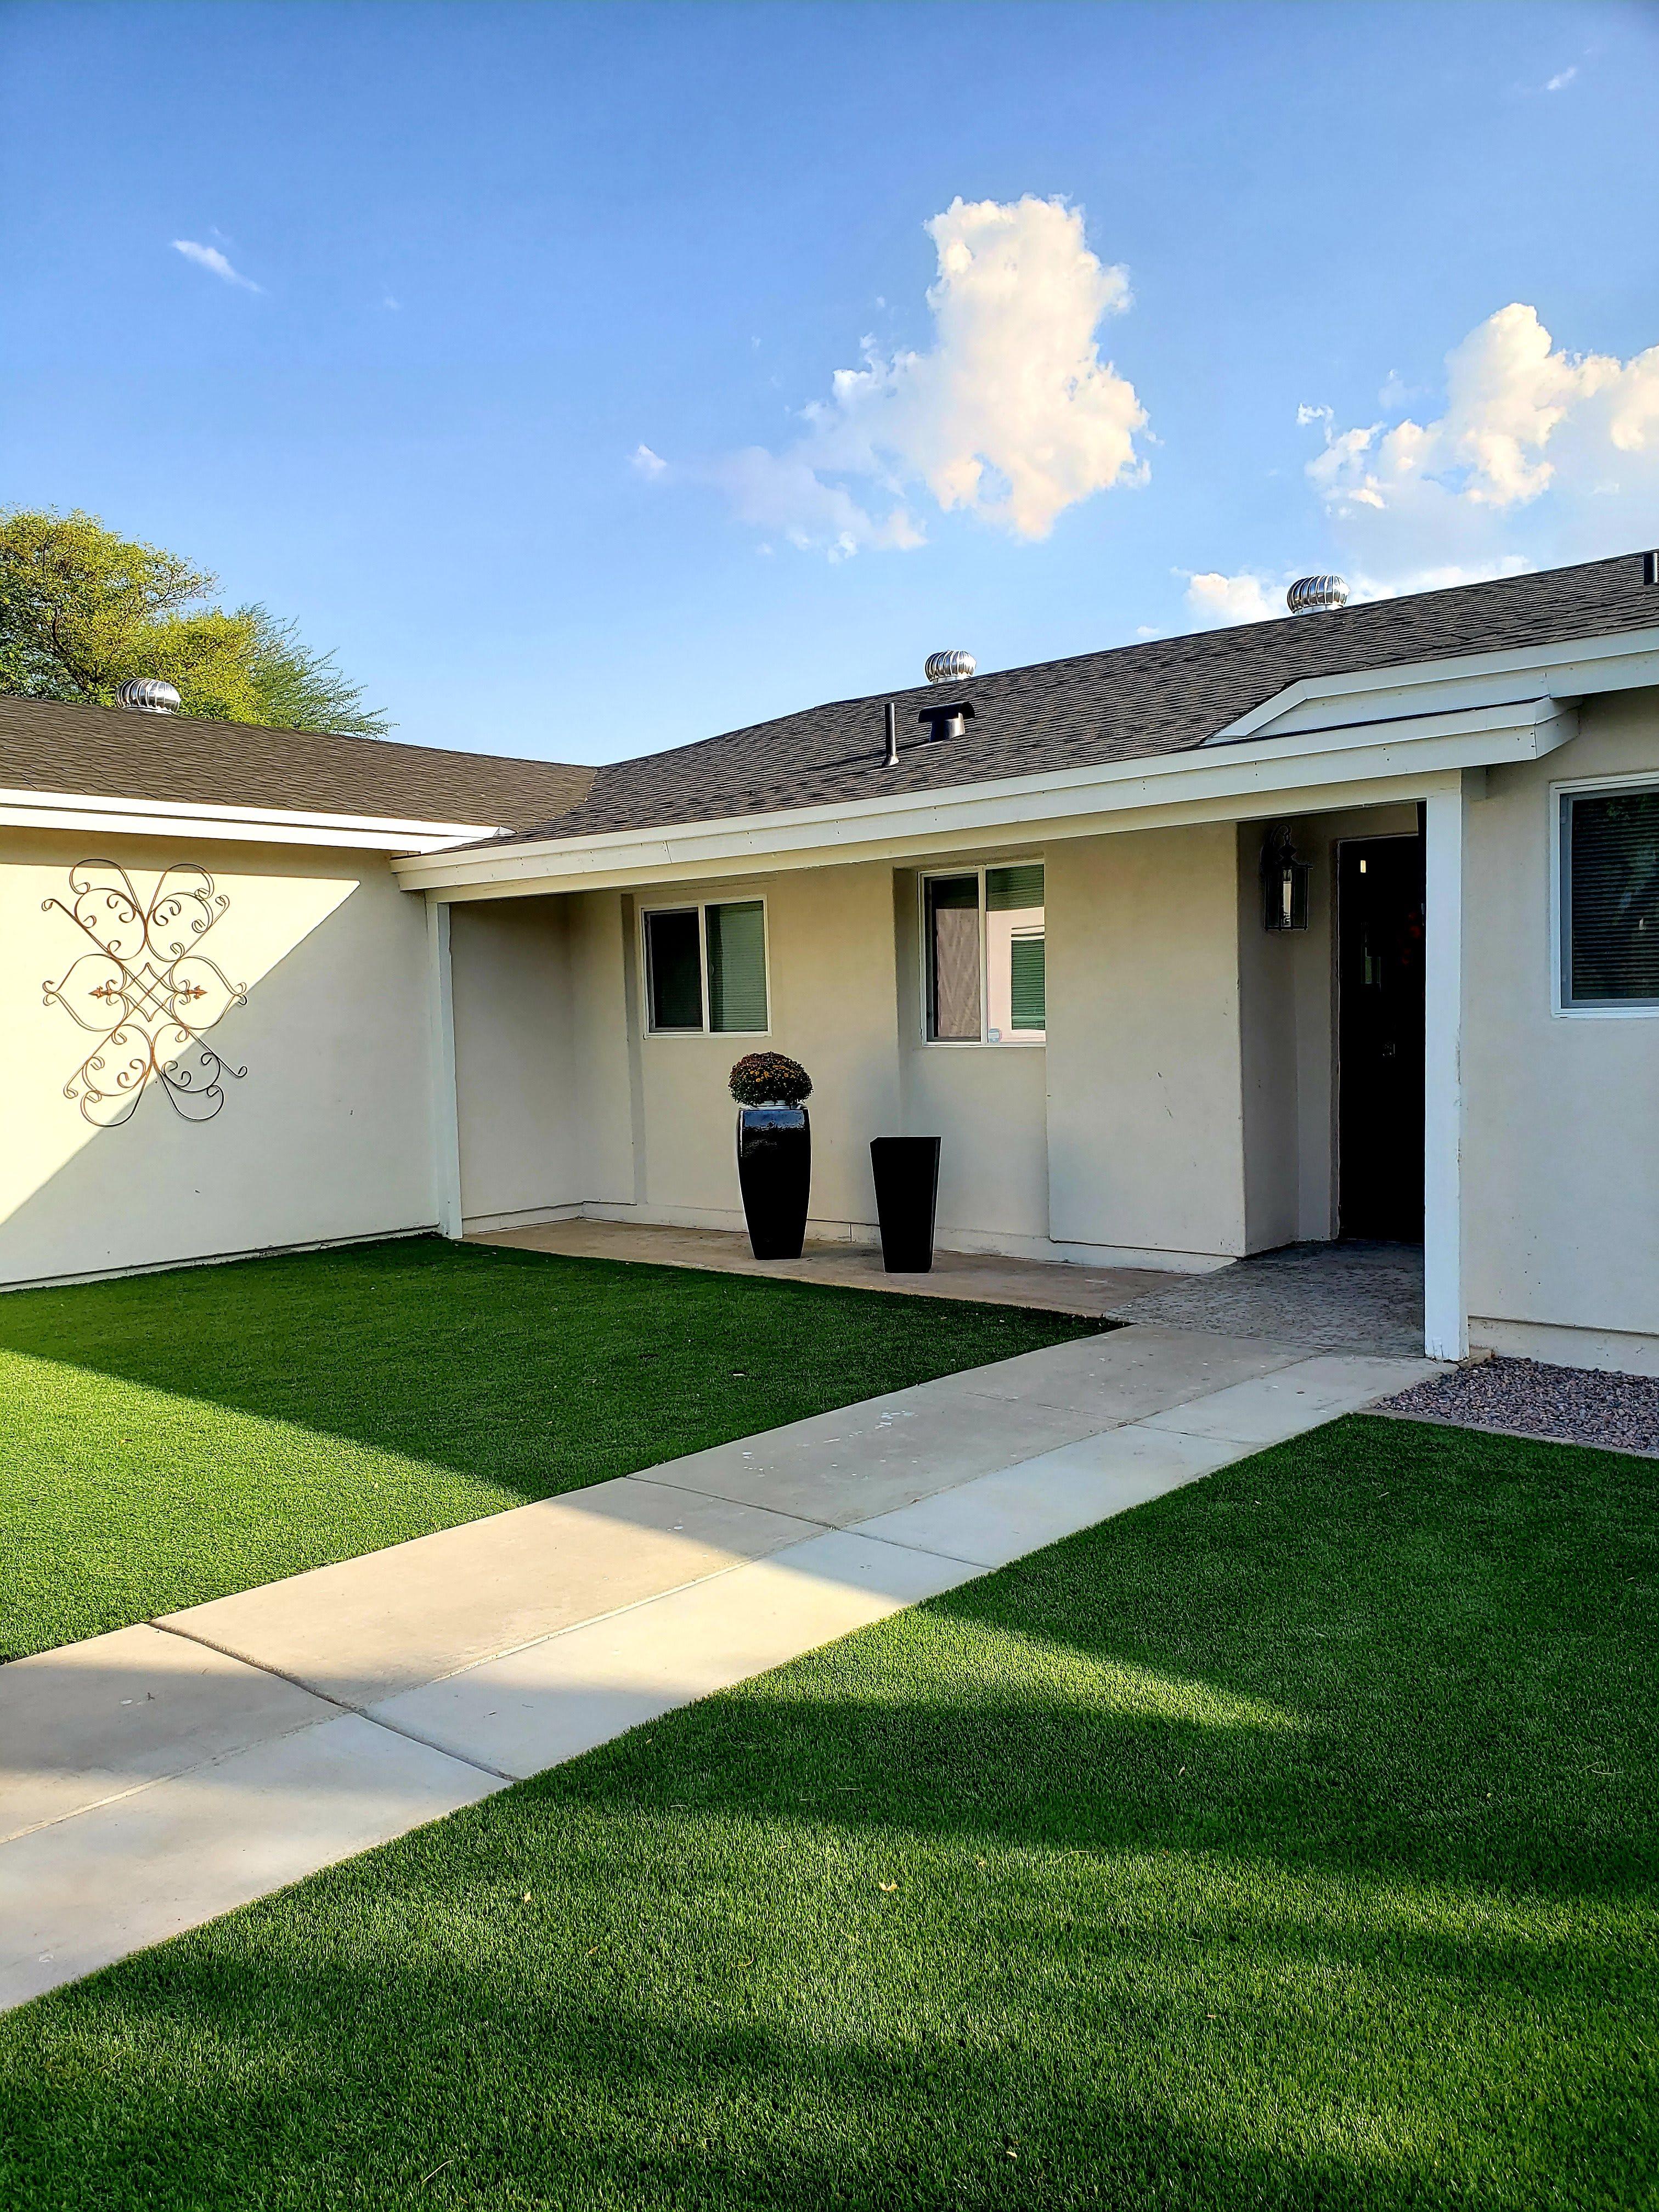 Photo 1 of Sunrise Care Home - Sunnyvale